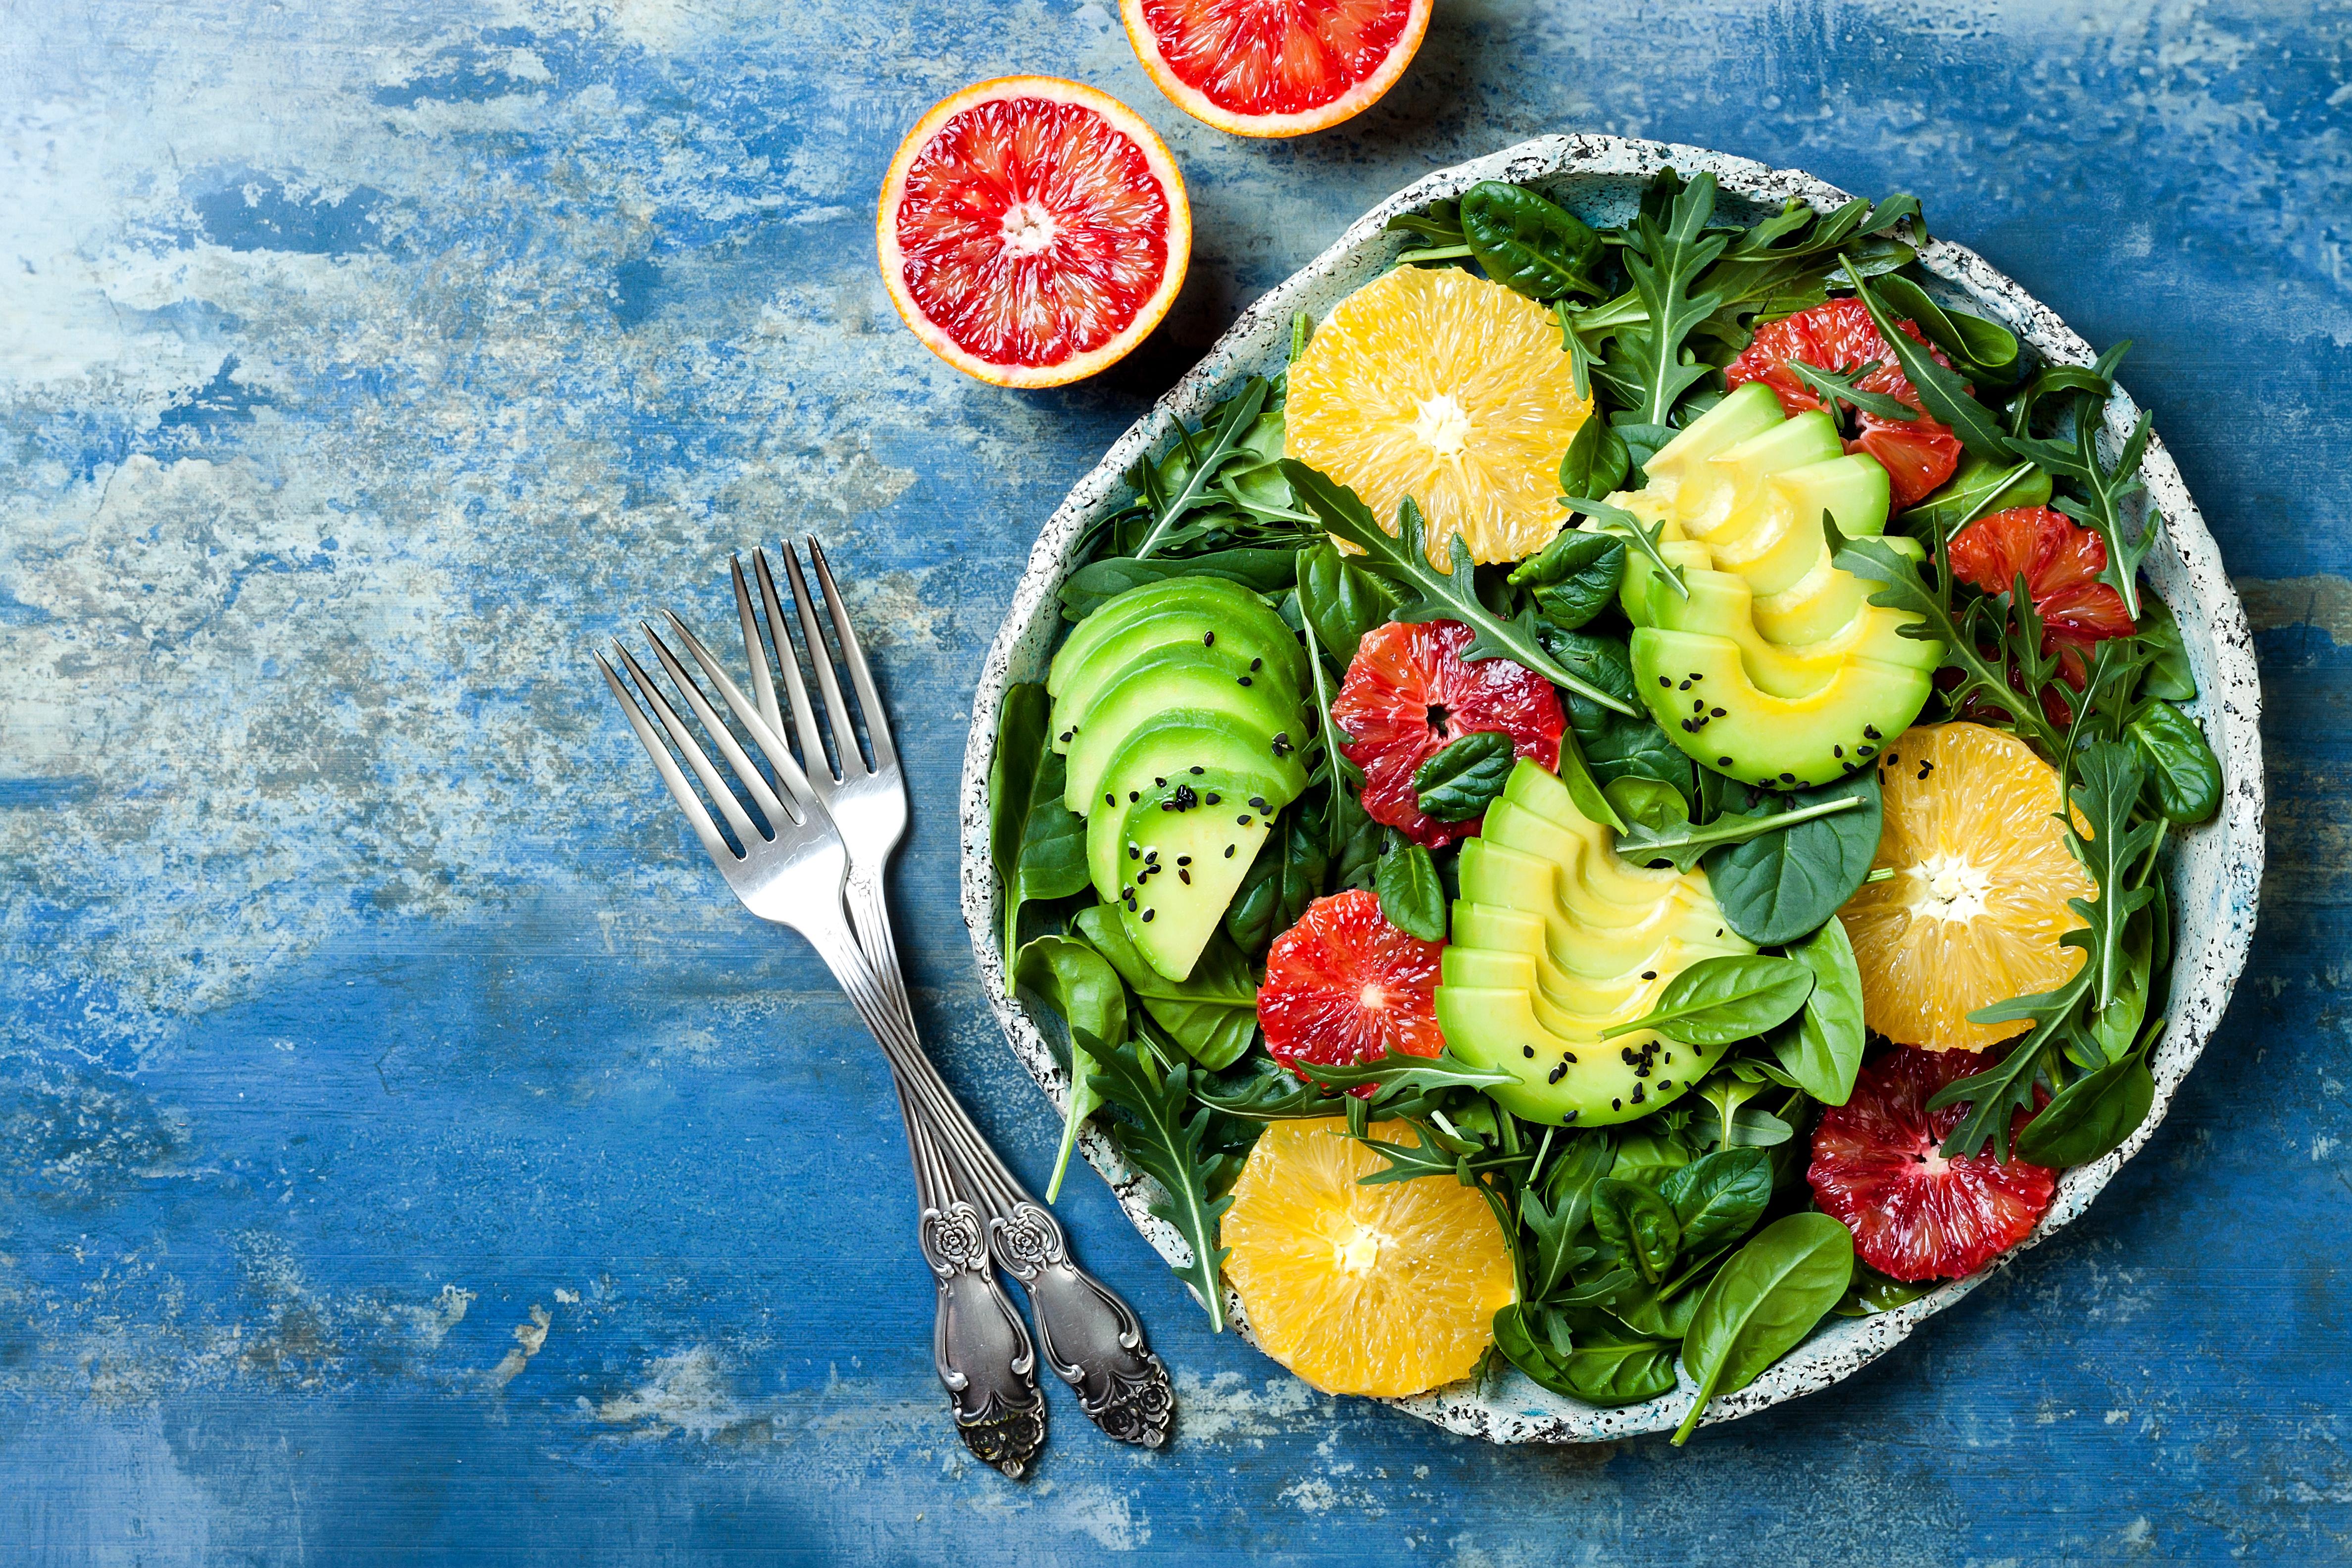 könnyű ételeket, amelyek segítenek a fogyásban